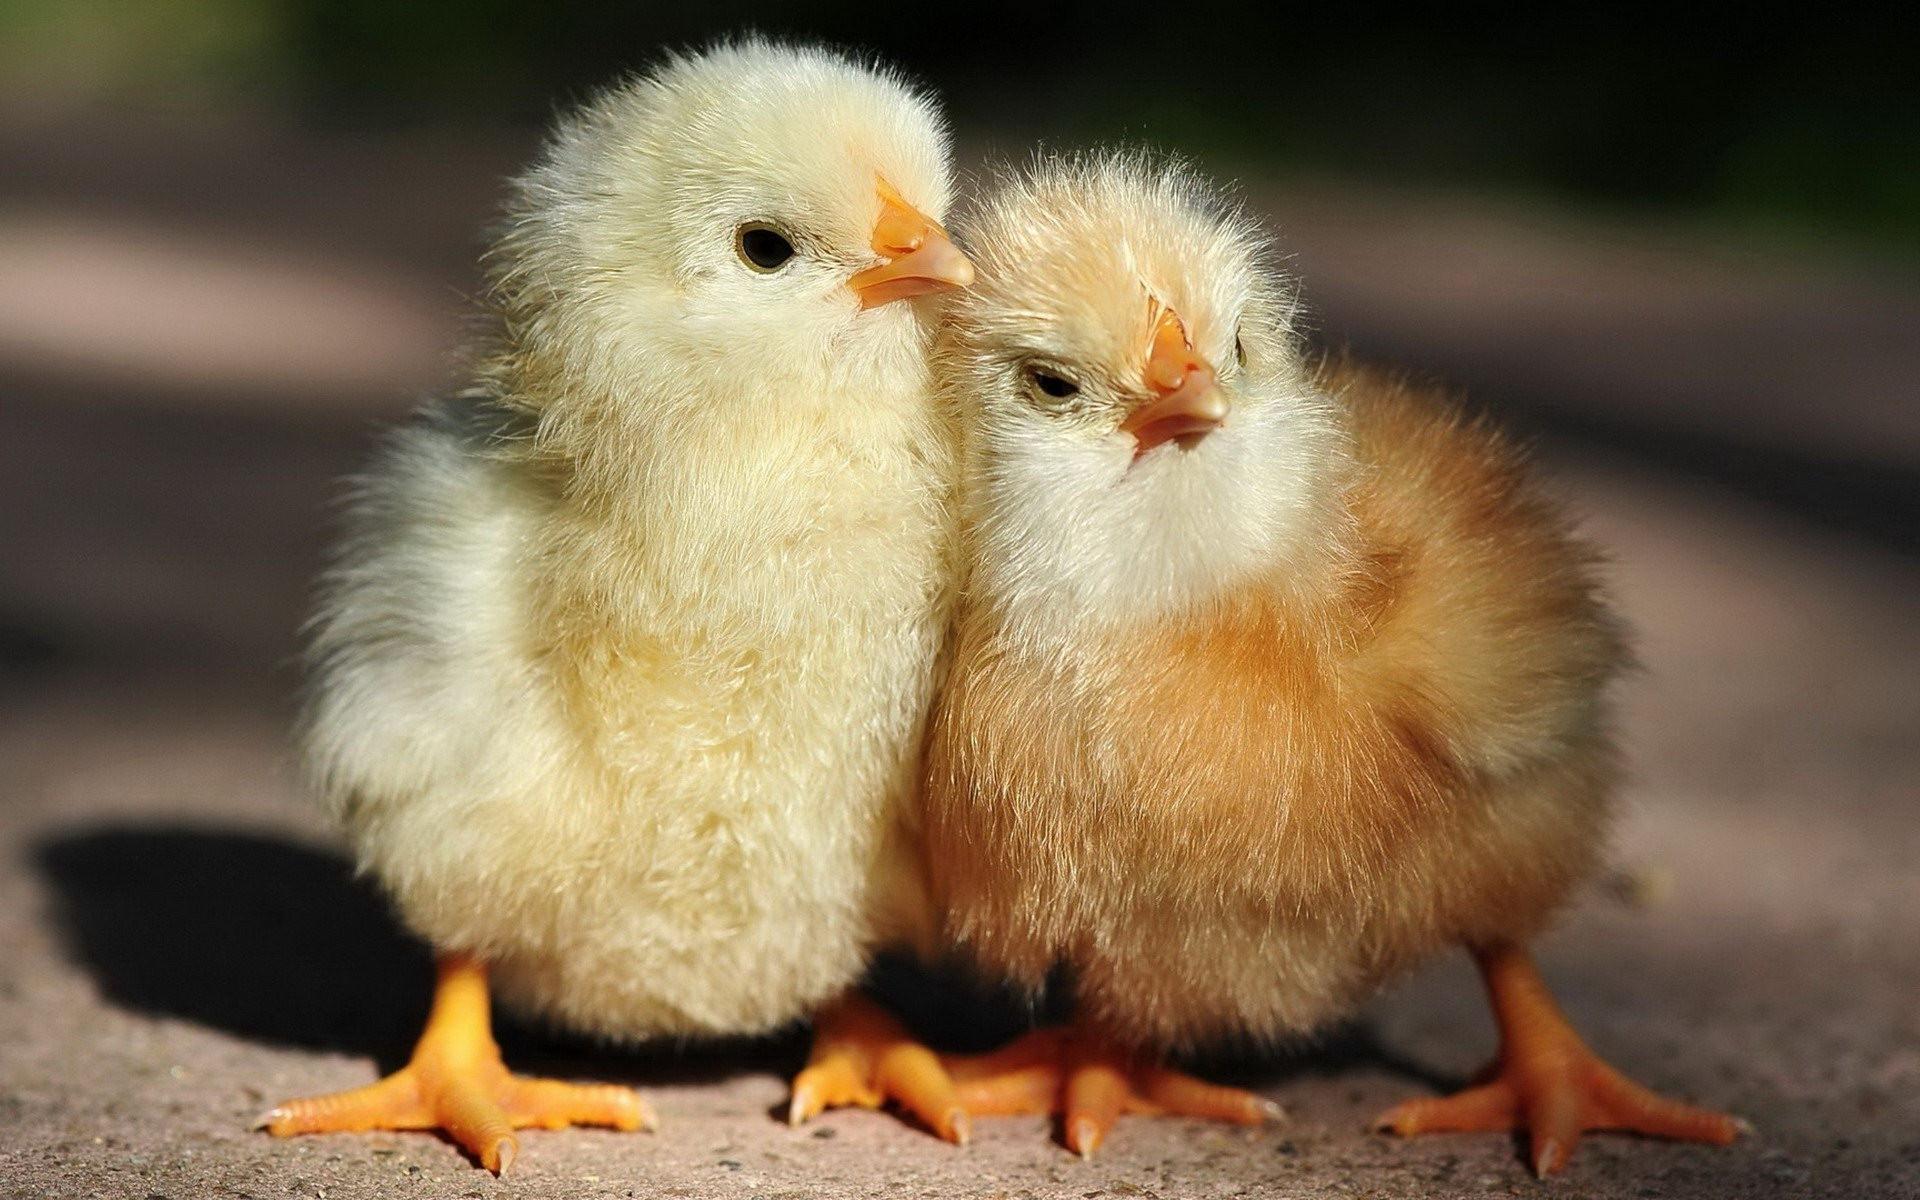 Fondos De Pantalla De Animales Bebes: Fondos De Pantalla : Aves, Animales, Fauna Silvestre